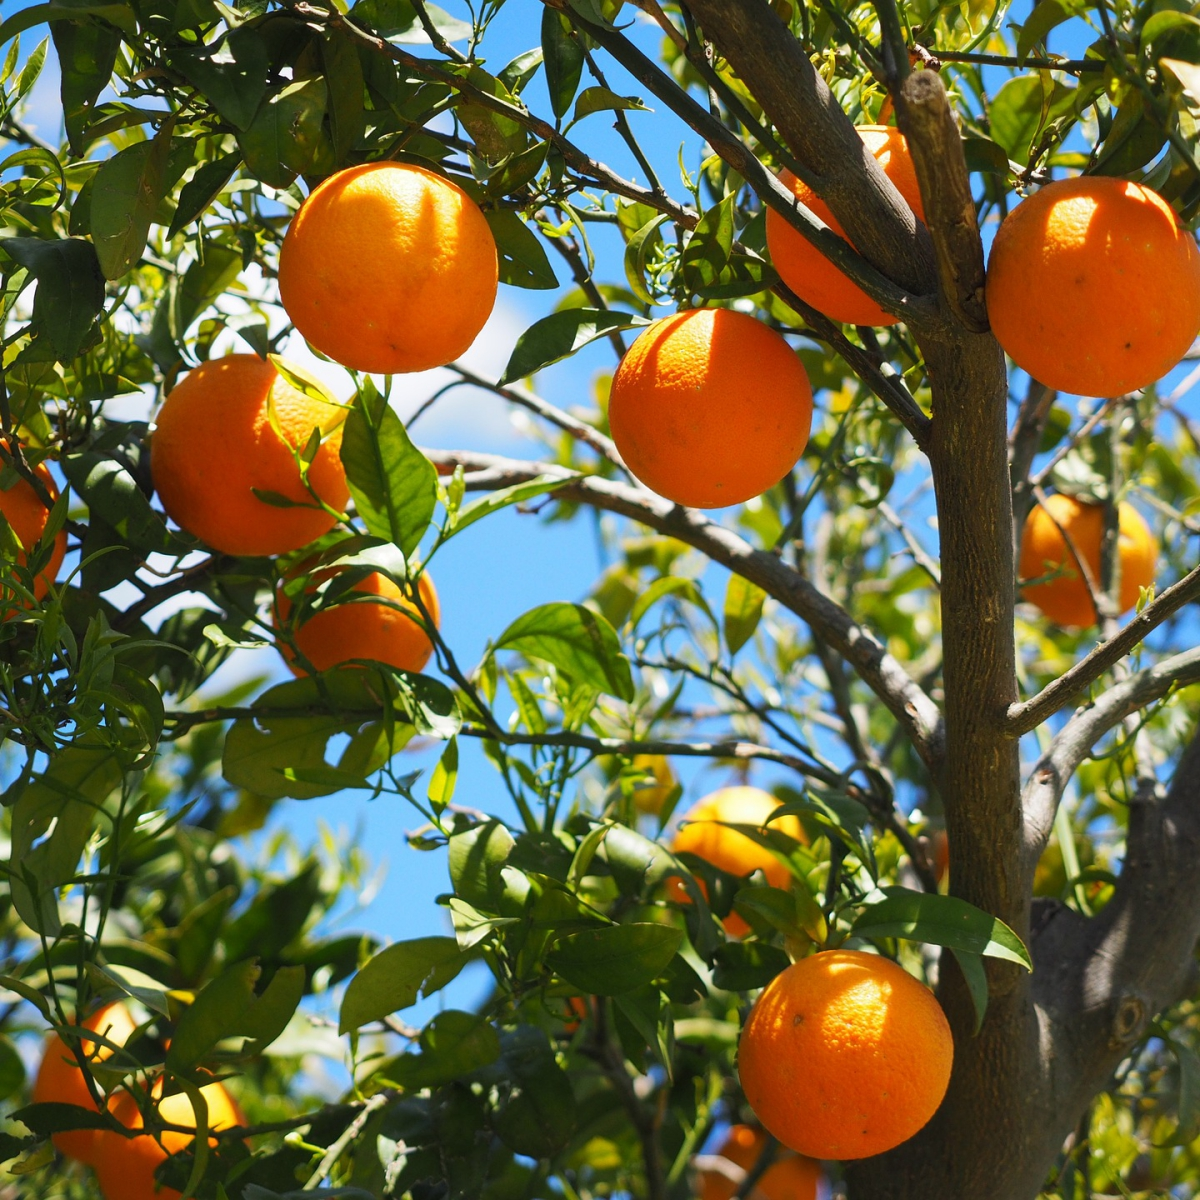 ハーブセラピストが解説!ハーブティーの種類と効果「オレンジ」